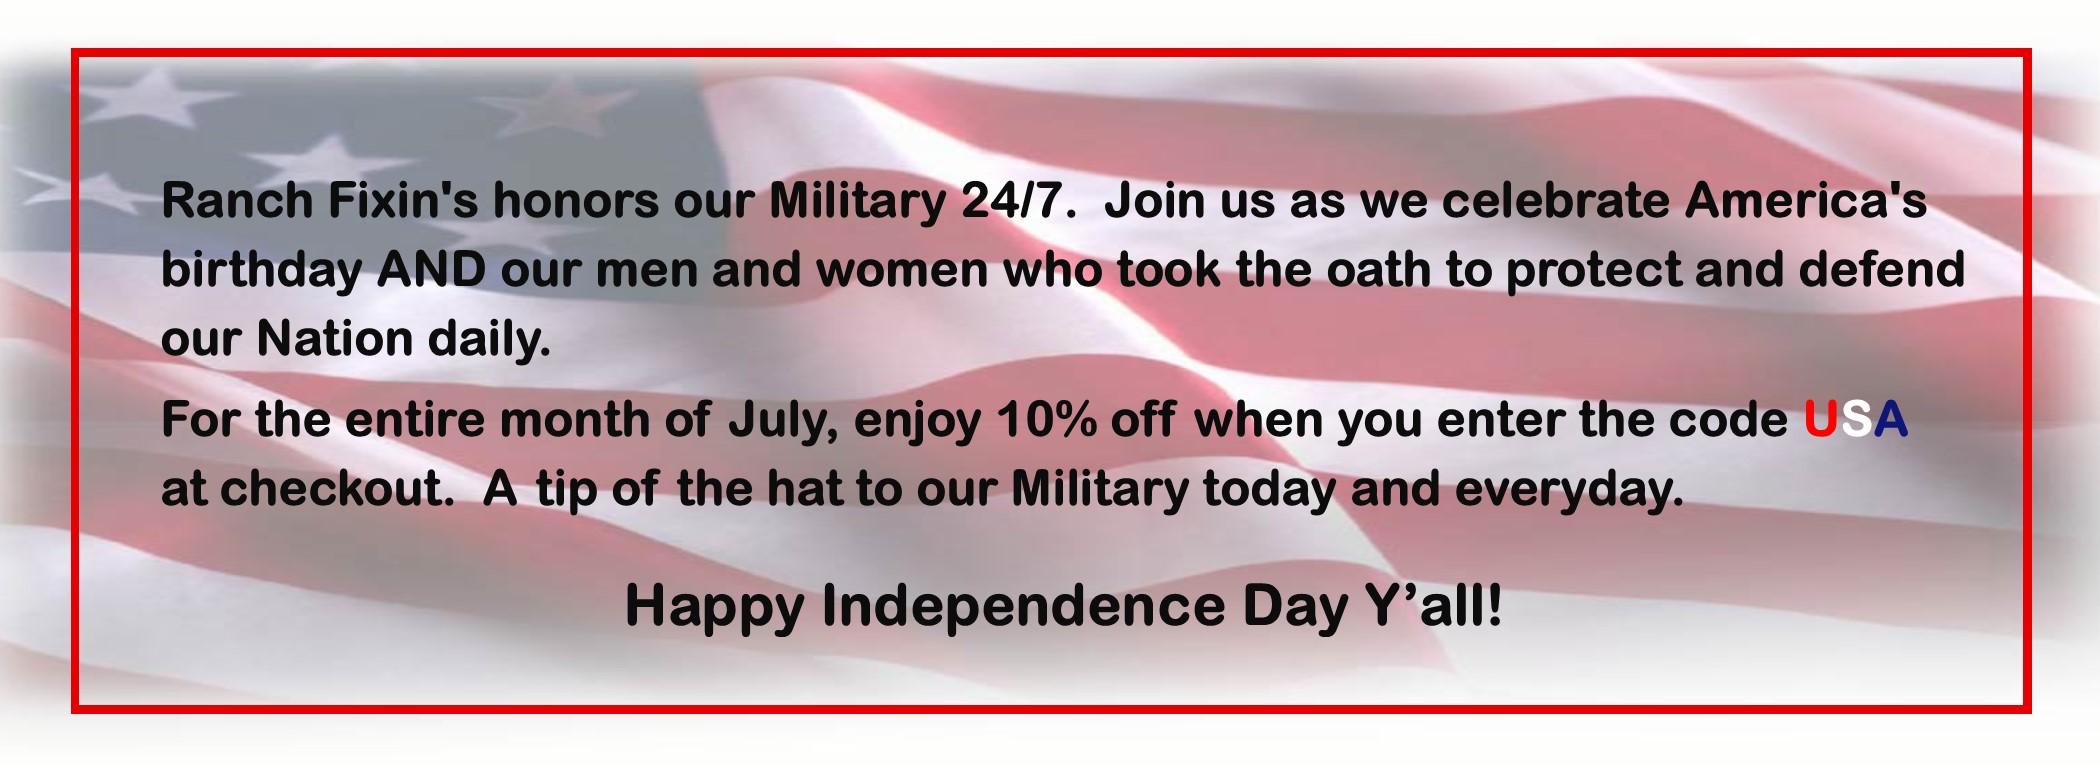 military-banner-website-july-2019invite.jpg